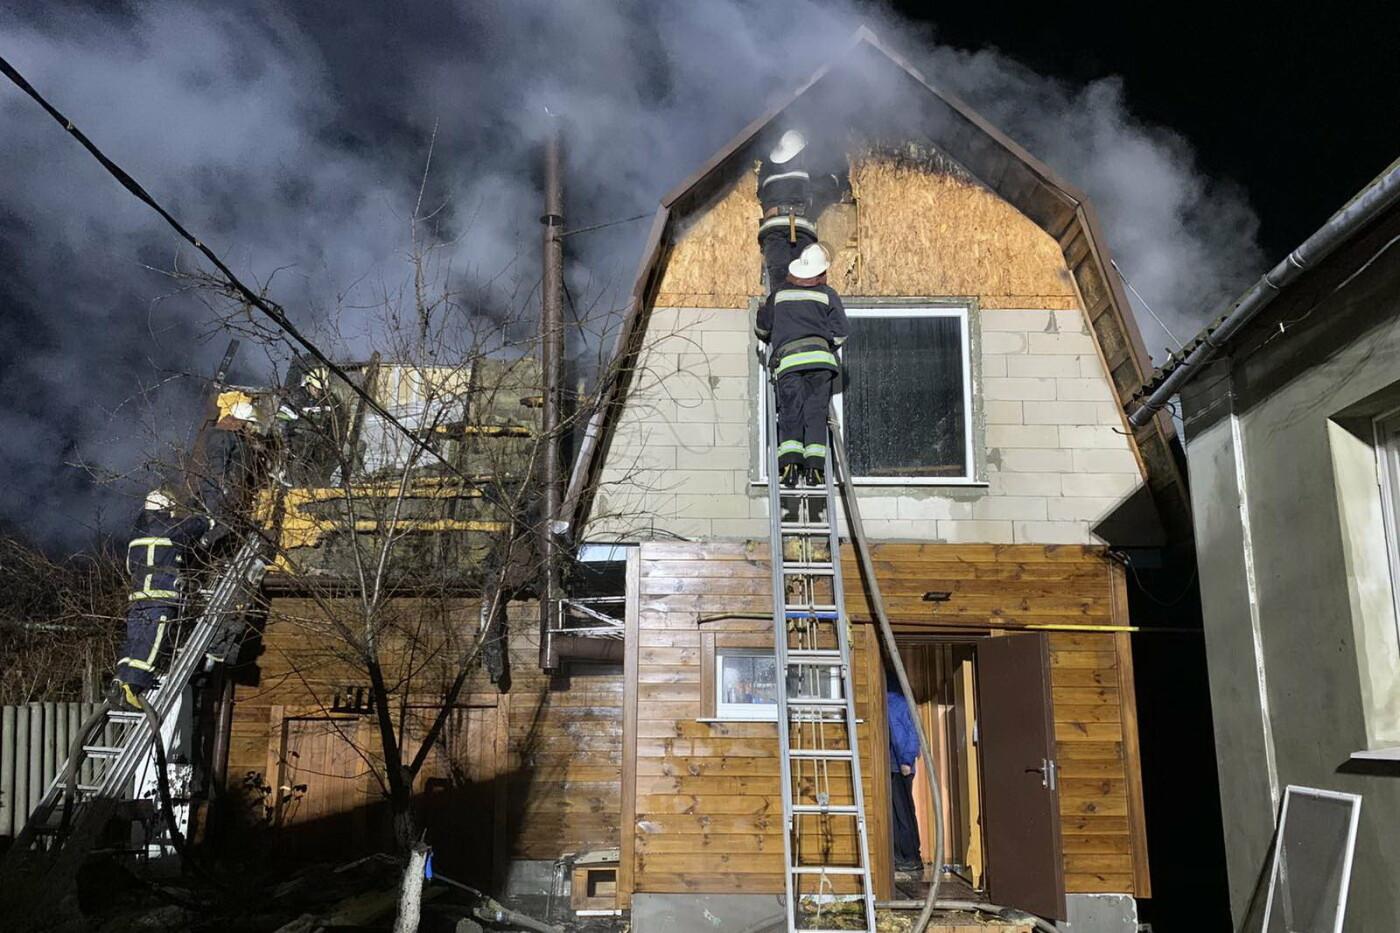 Под Харьковом спасатели несколько часов тушили масштабный пожар в частном доме, - ФОТО, фото-3